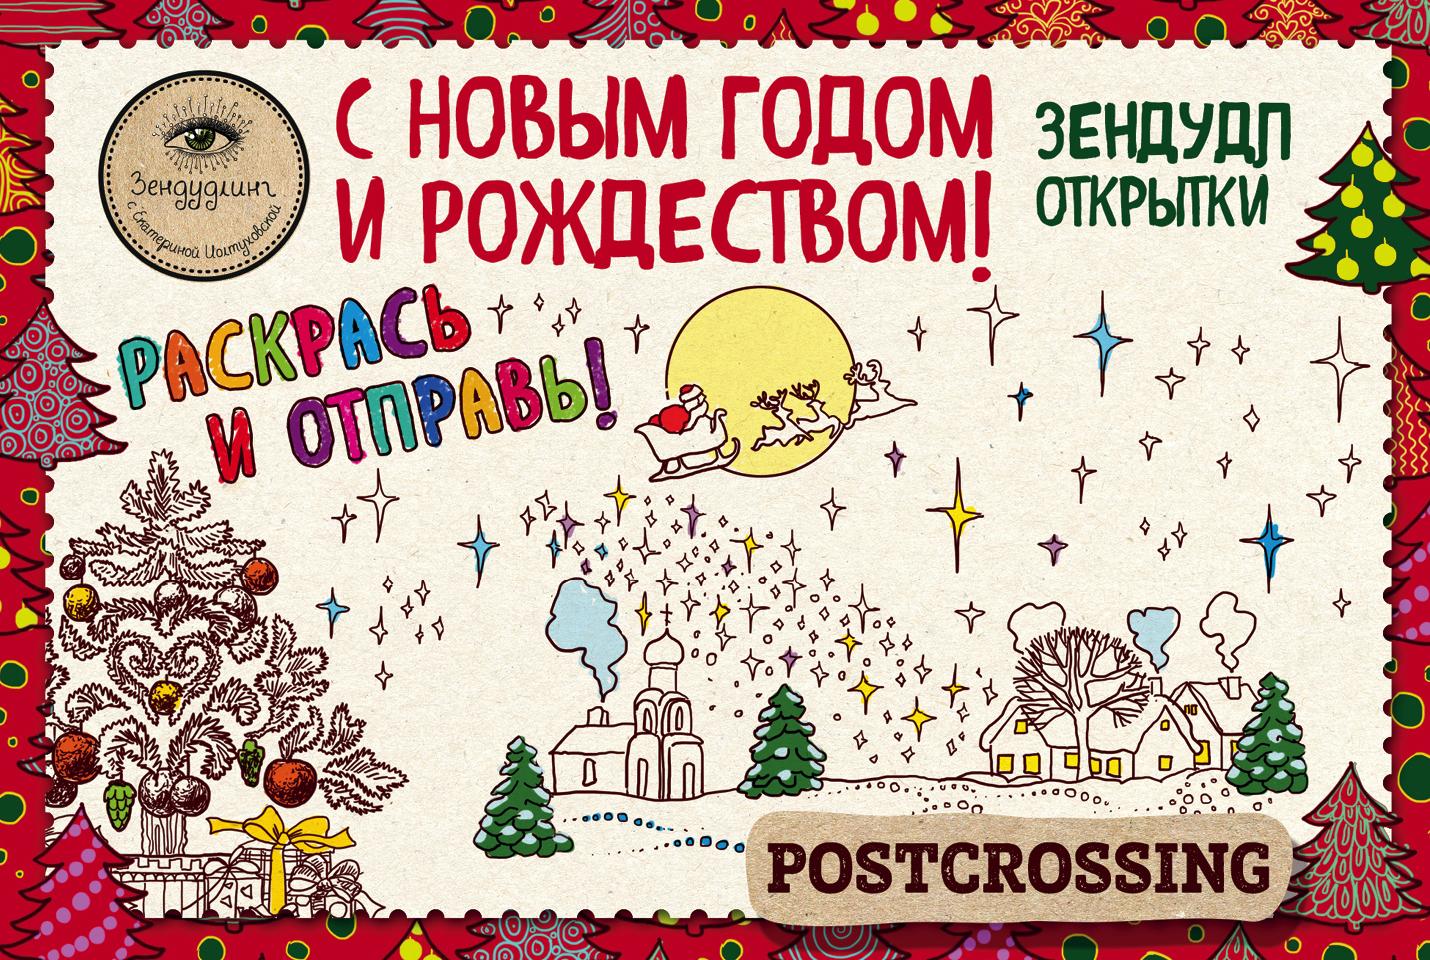 Зендудл-открытки к Новому году и Рождеству. Happy postcrossing